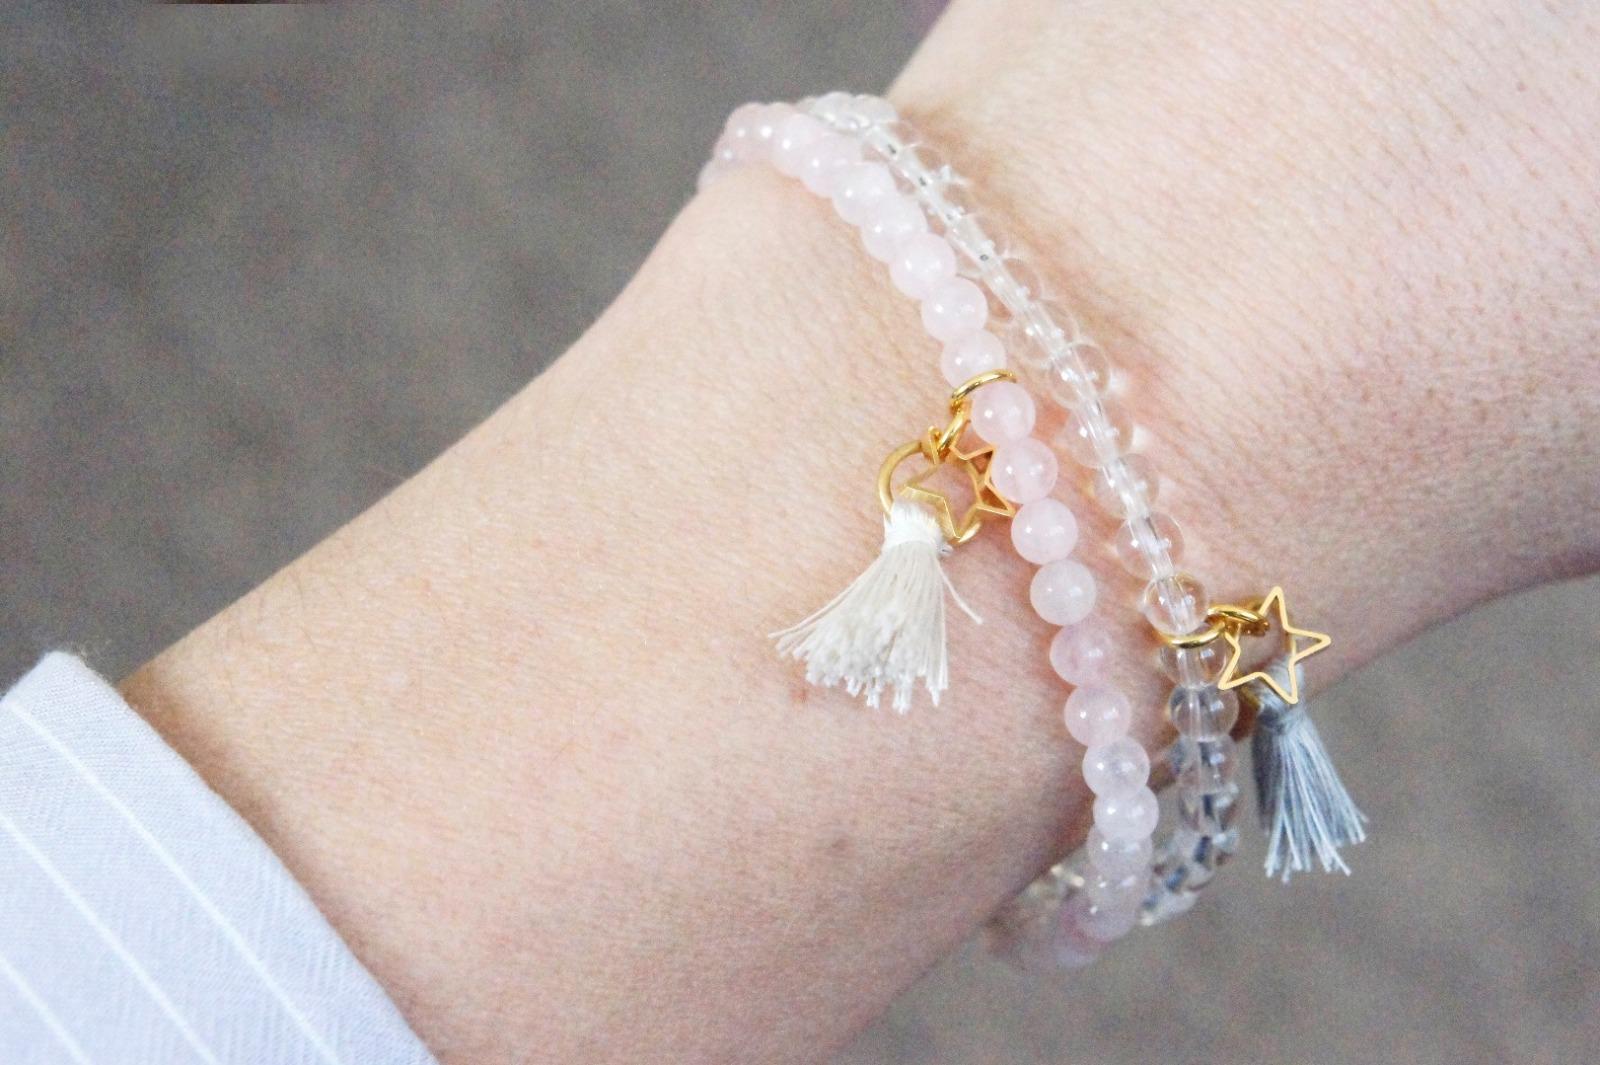 Armband Bergkristall mit Quaste und goldenem - 3